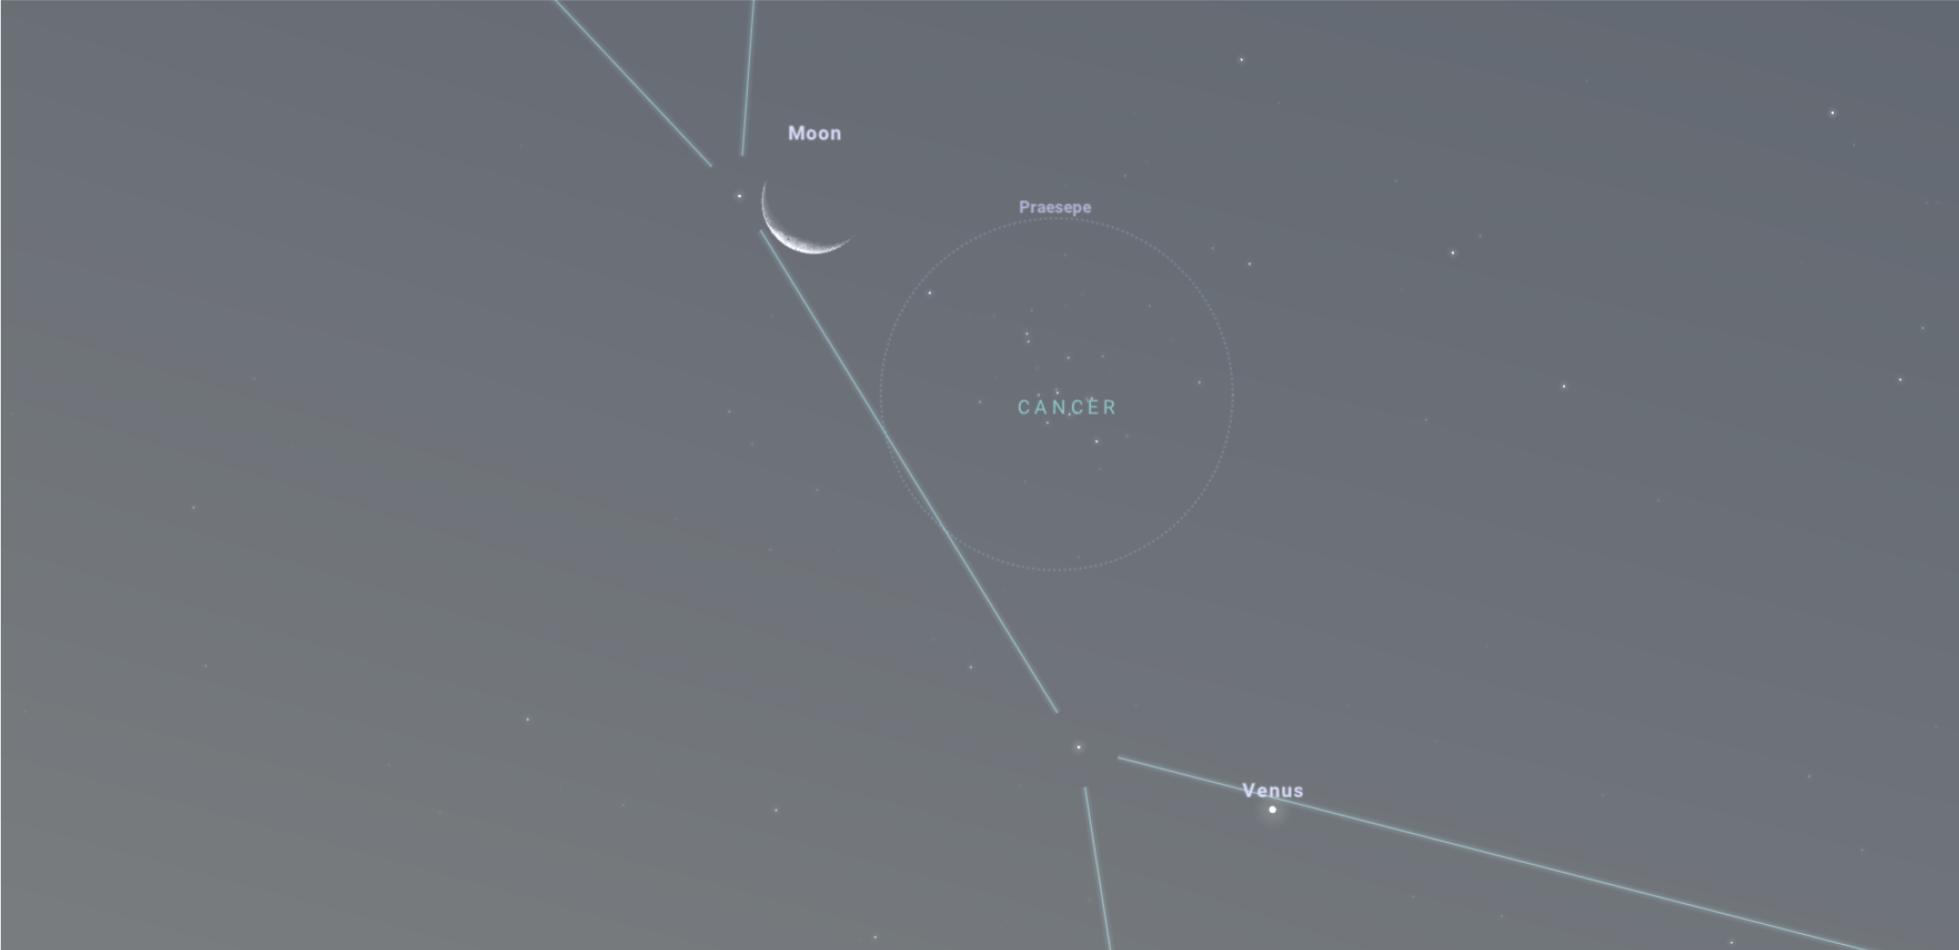 koniunkcja Księżyca i Wenus